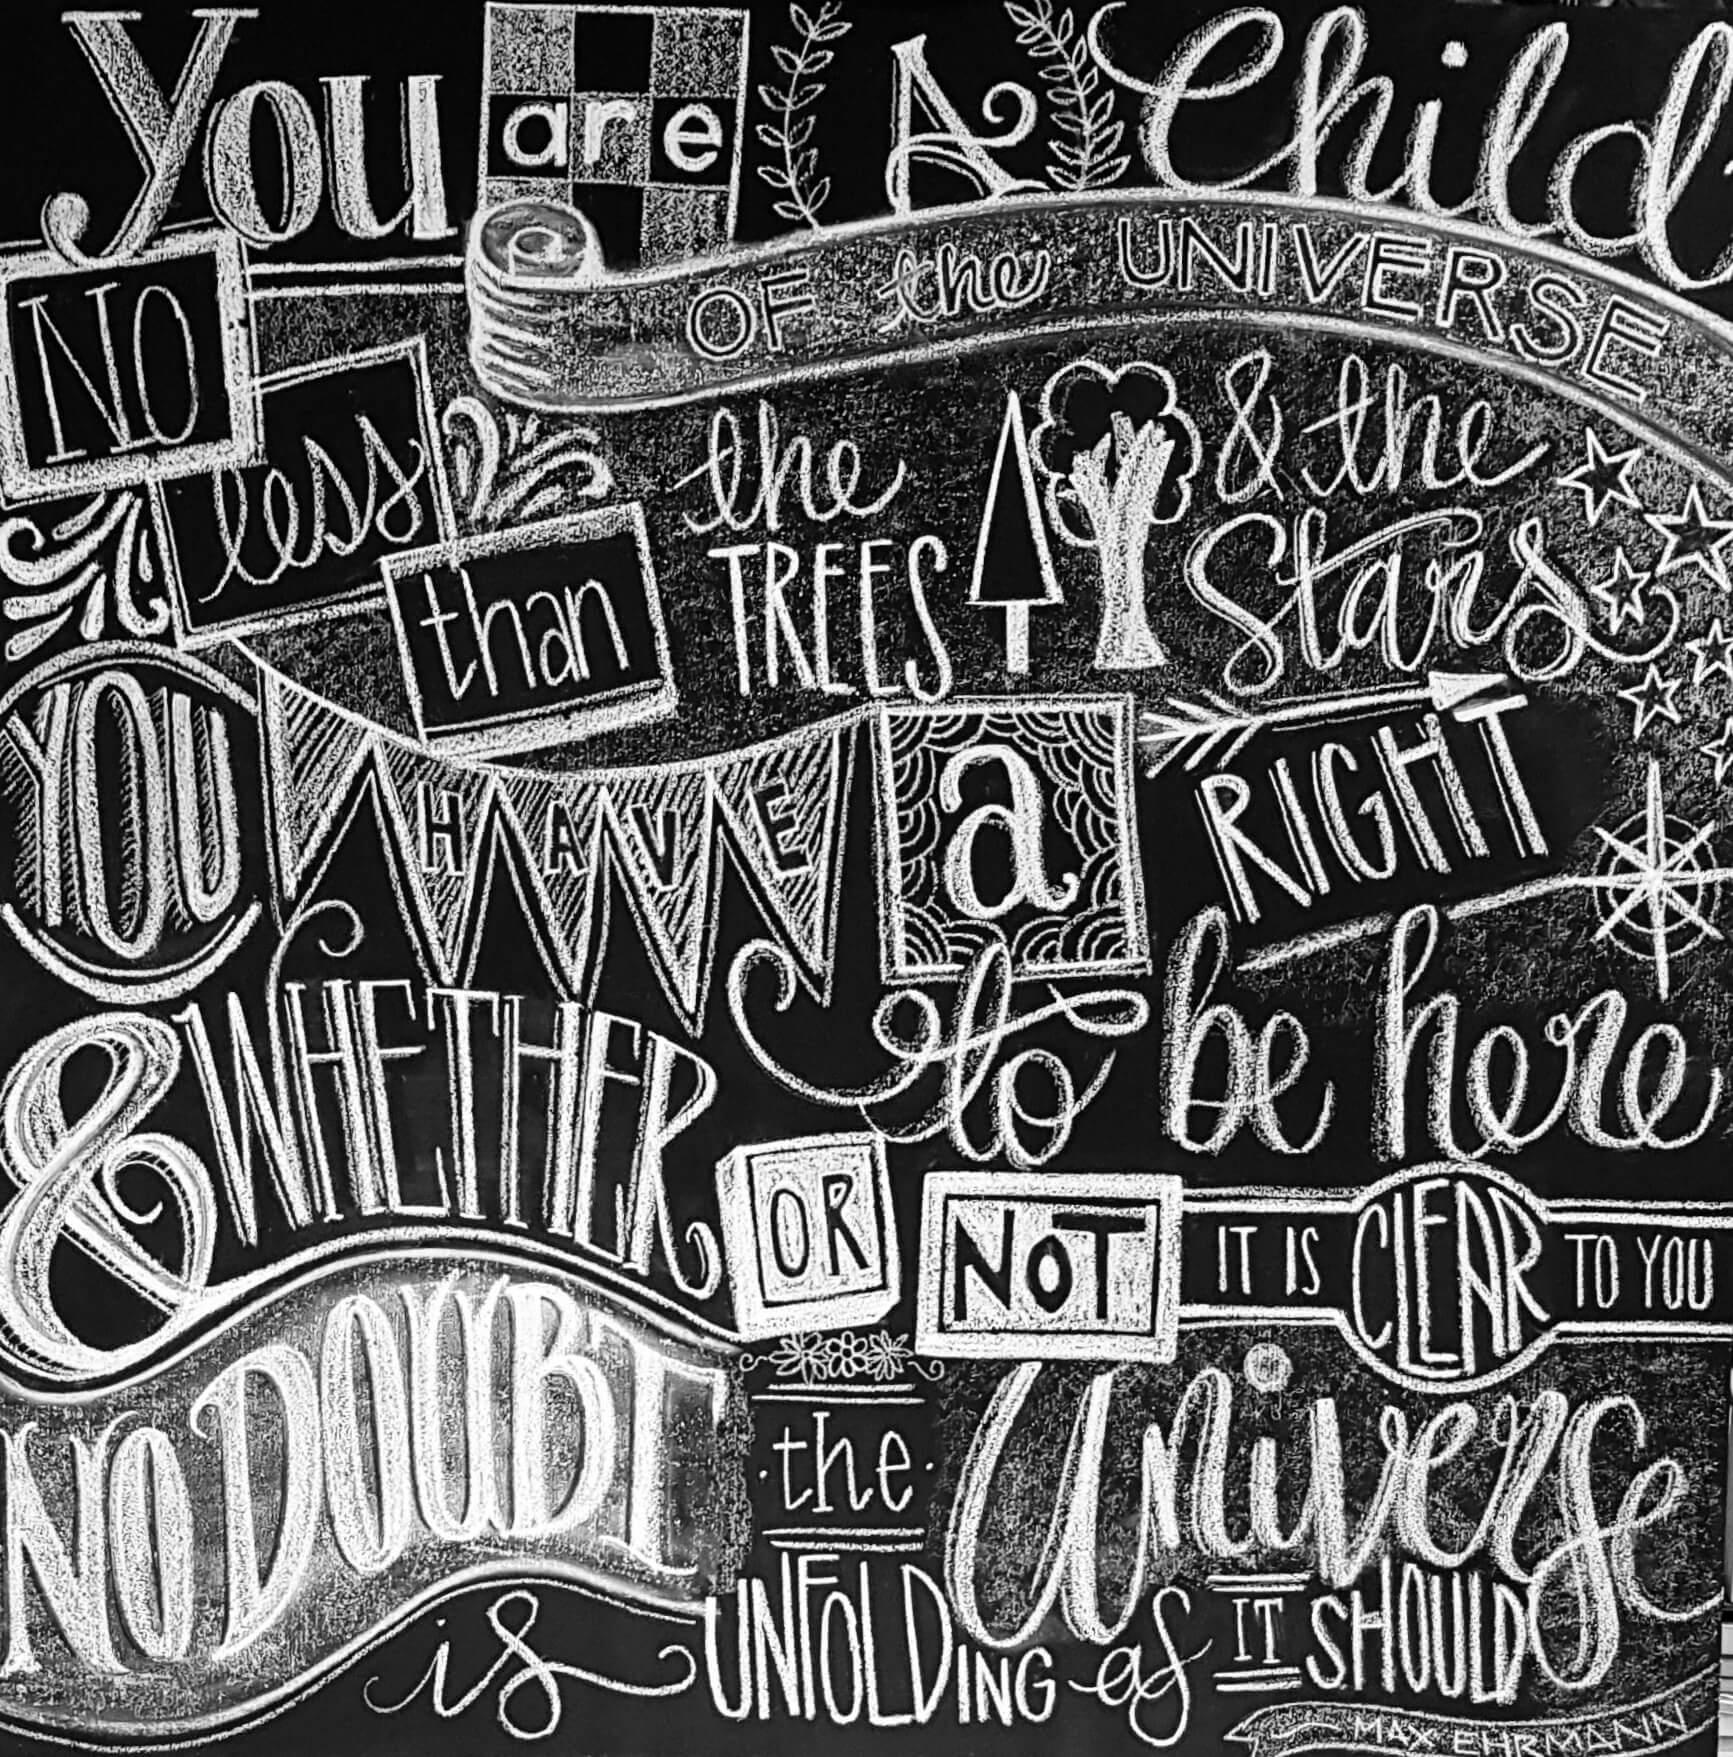 From Desiderata - Chalk it Up Yo